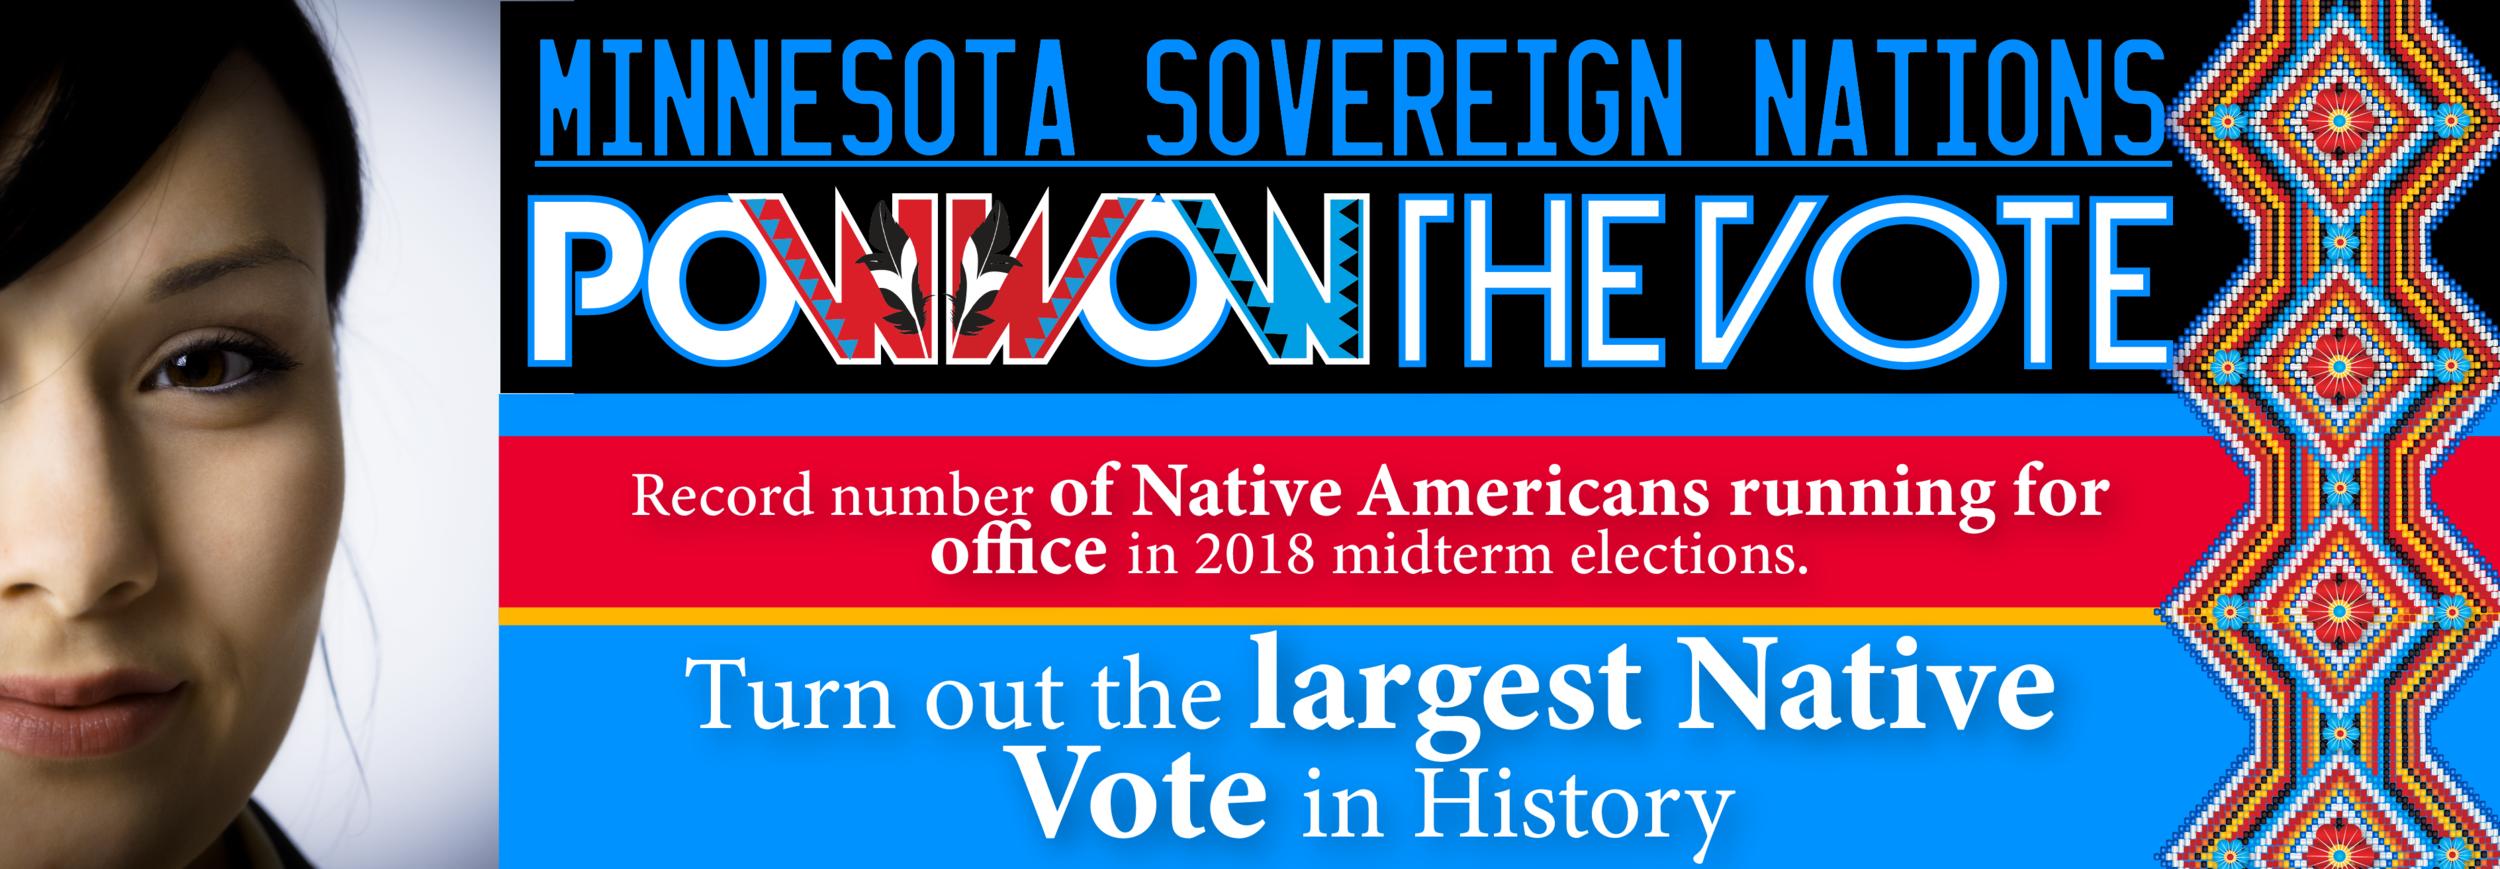 VOTE Poster-Timeline.png